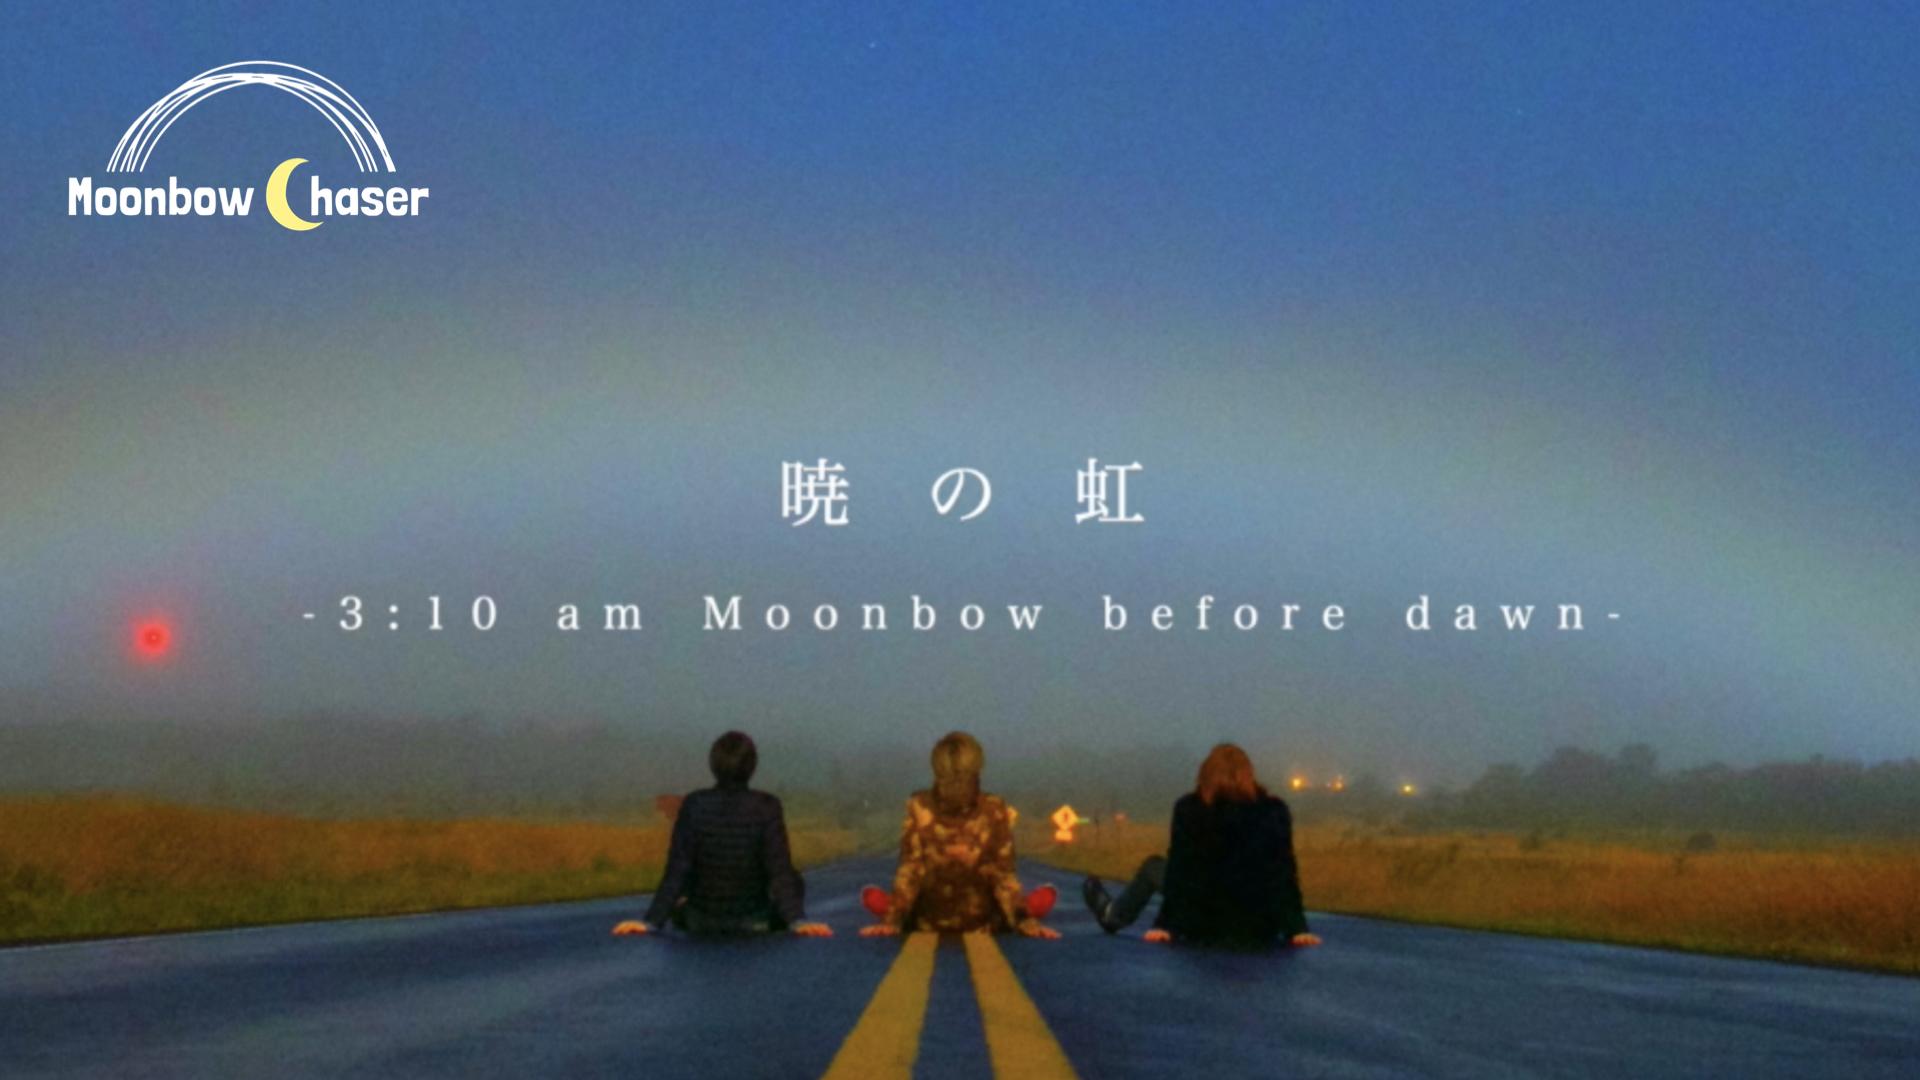 映像作品「暁の虹 – 3:10 am moonbow before dawn -」公開